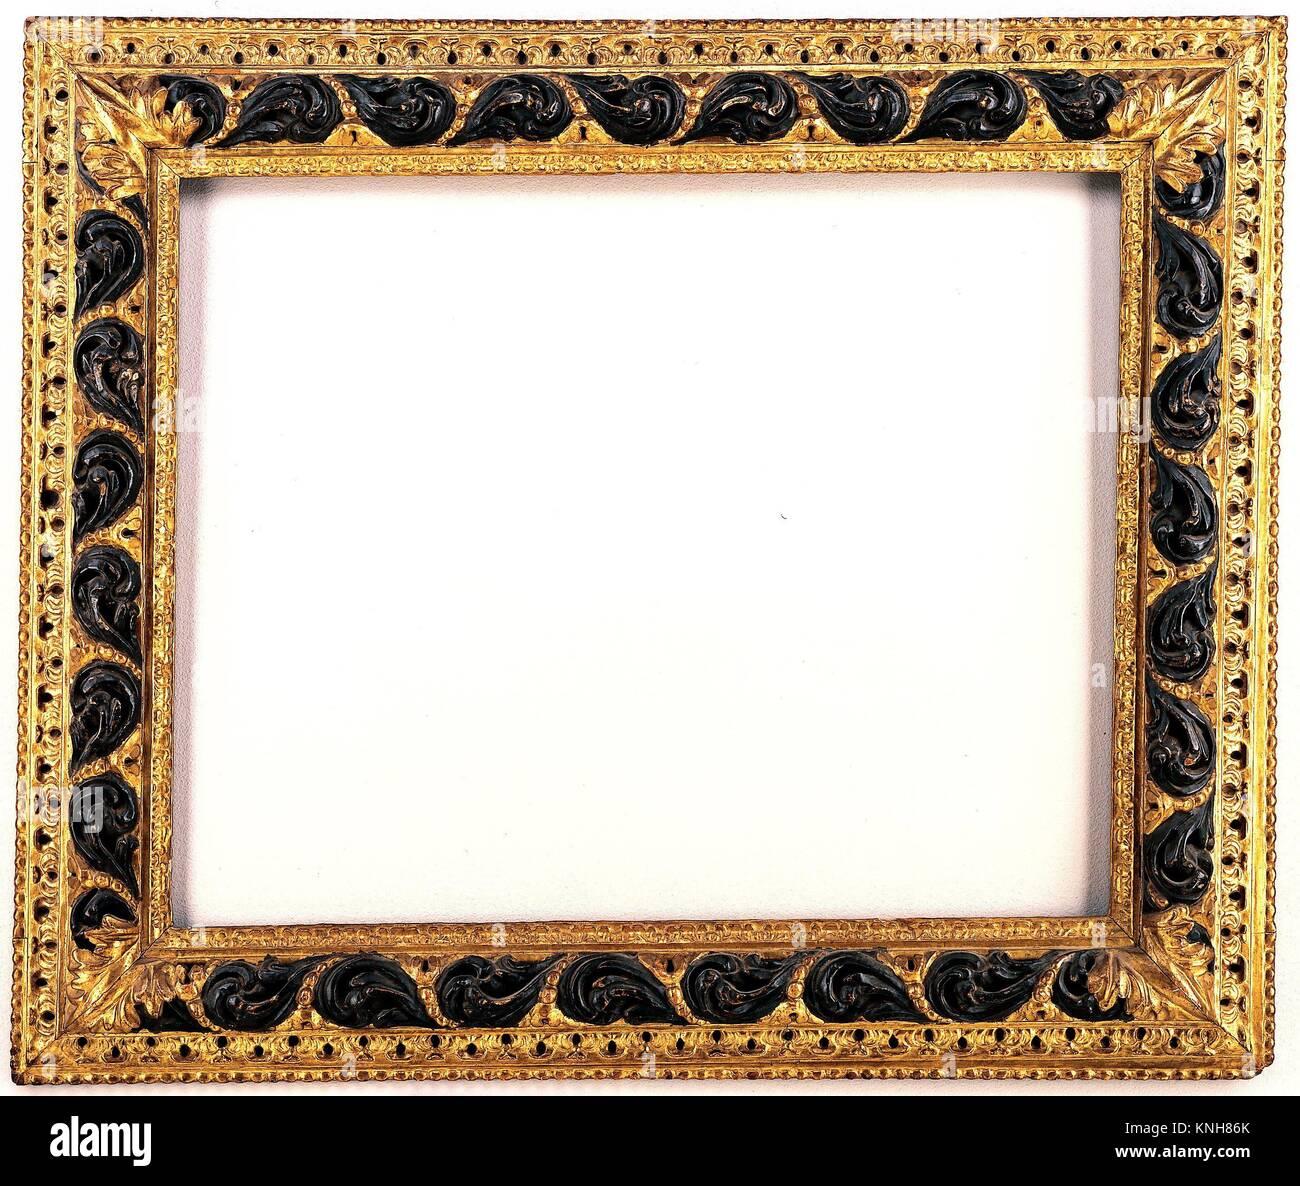 Wreath frame. Date: late 16th century; Culture: Italian, Venice ...